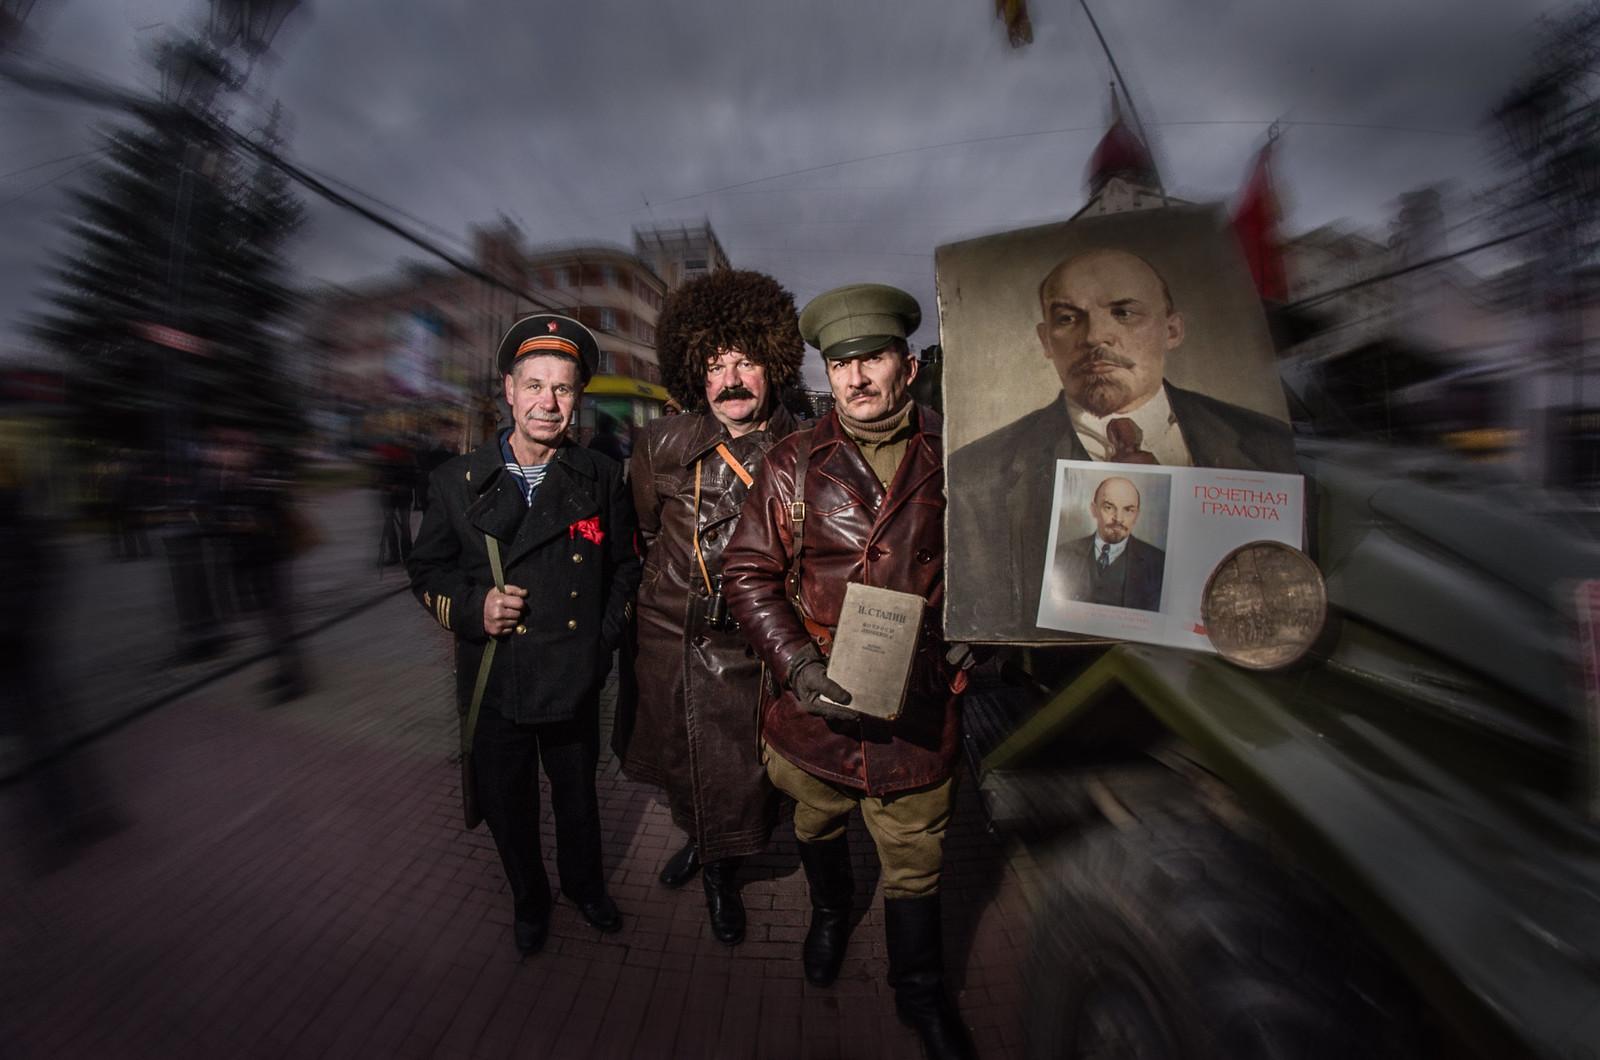 Сто лет революции 7 ноября 1917